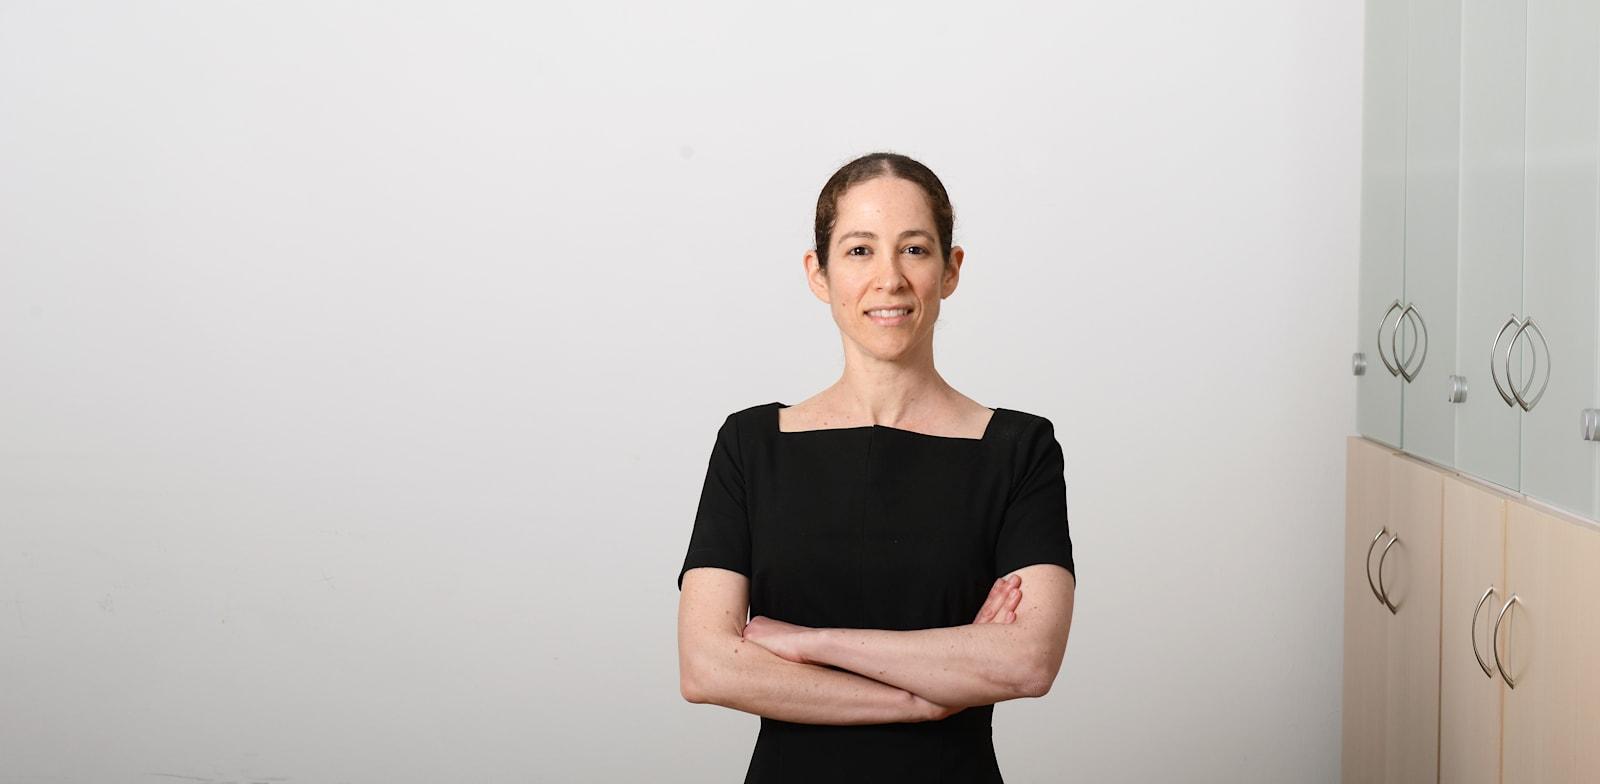 שירה גרינברג, הכלכלנית הראשית באוצר / צילום: איל יצהר